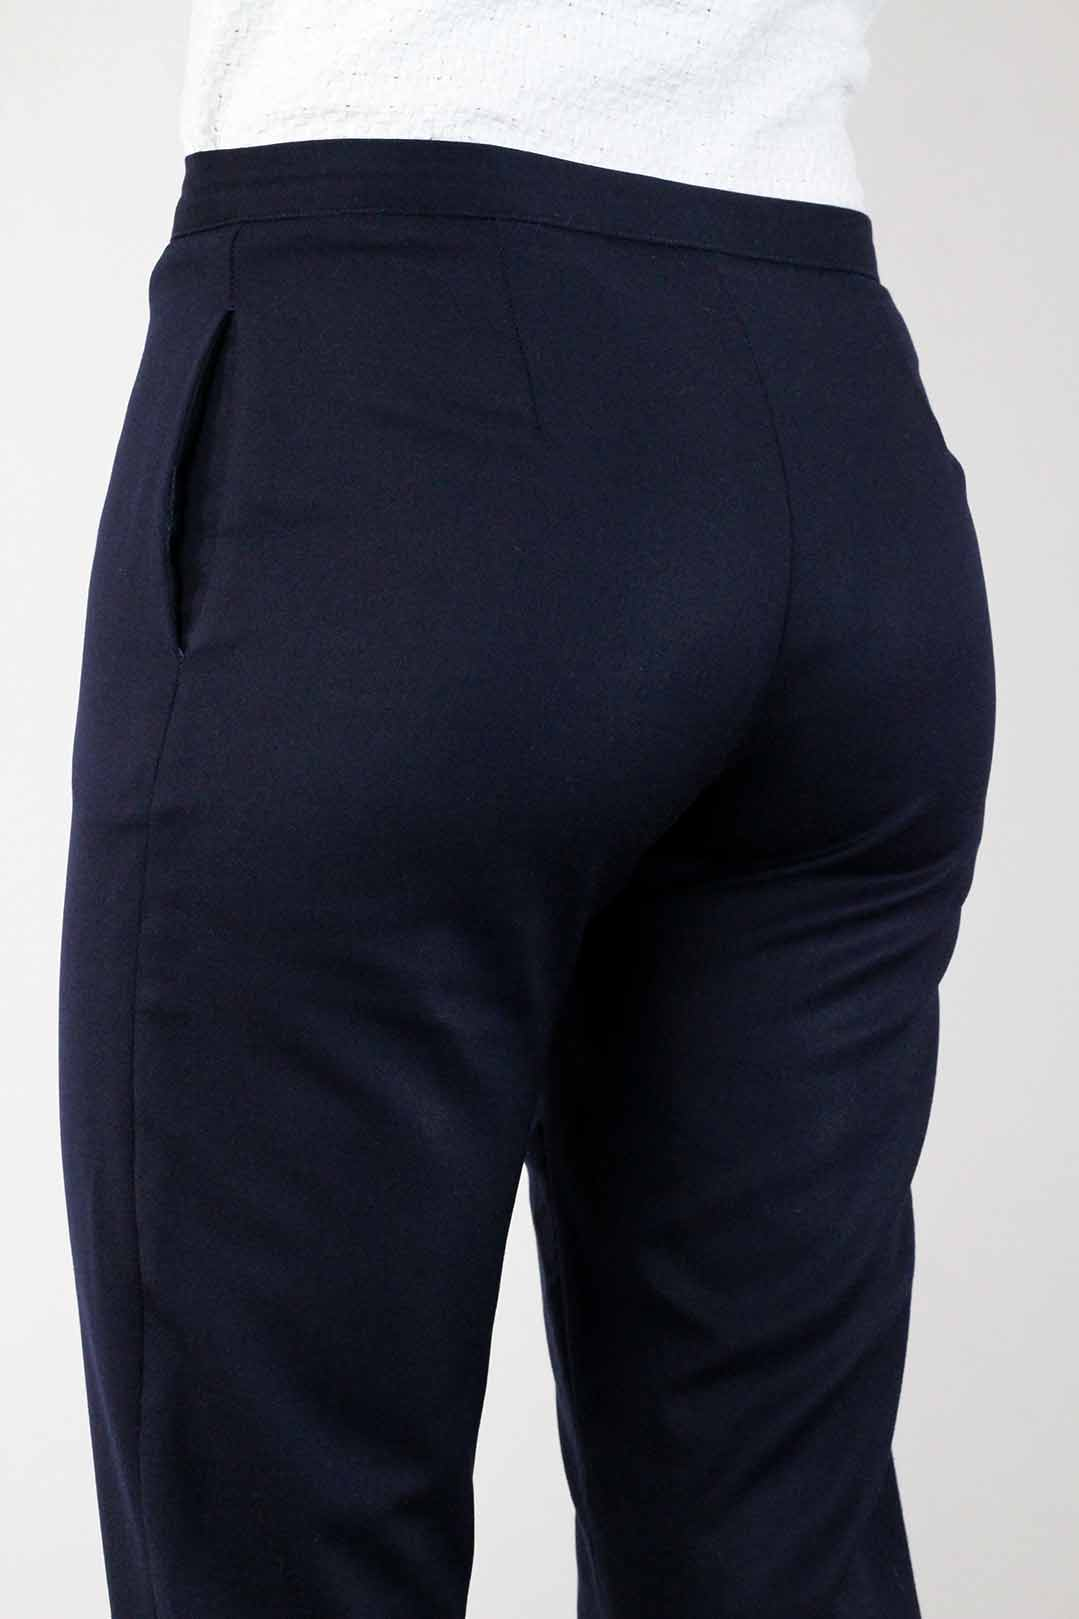 pantalon bleu marine femme droit en laine made in france atode. Black Bedroom Furniture Sets. Home Design Ideas